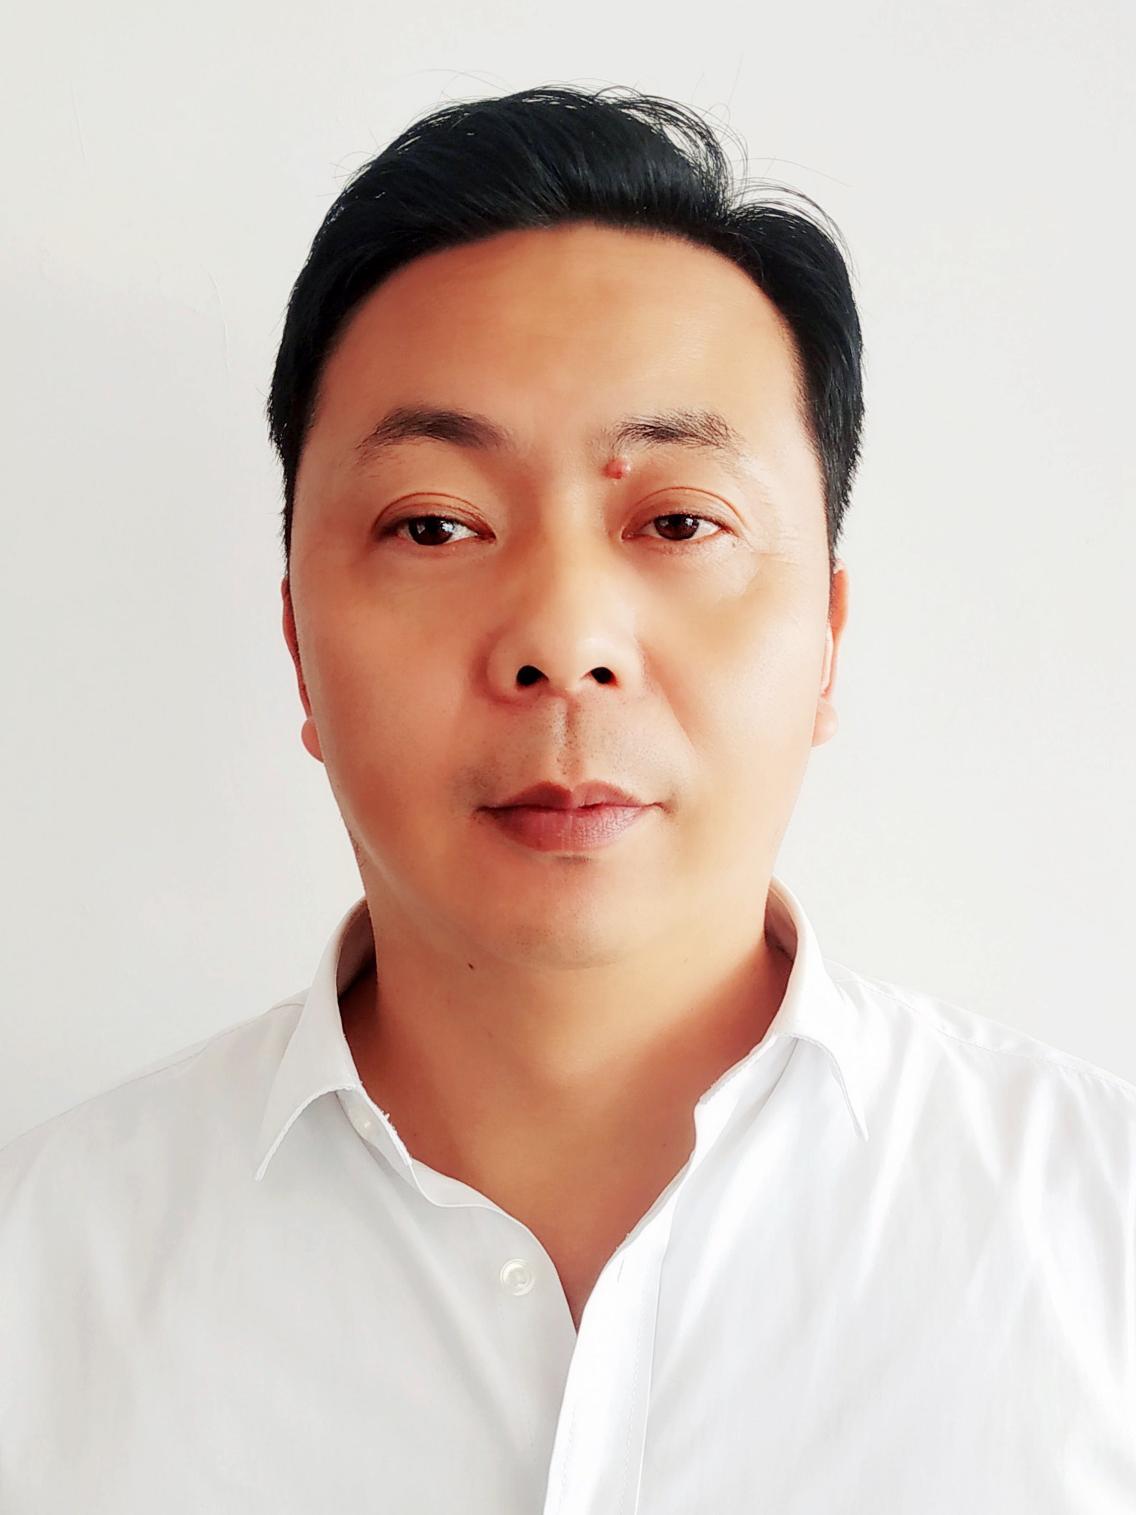 周宏,江西康恩贝中药有限公司生产总监